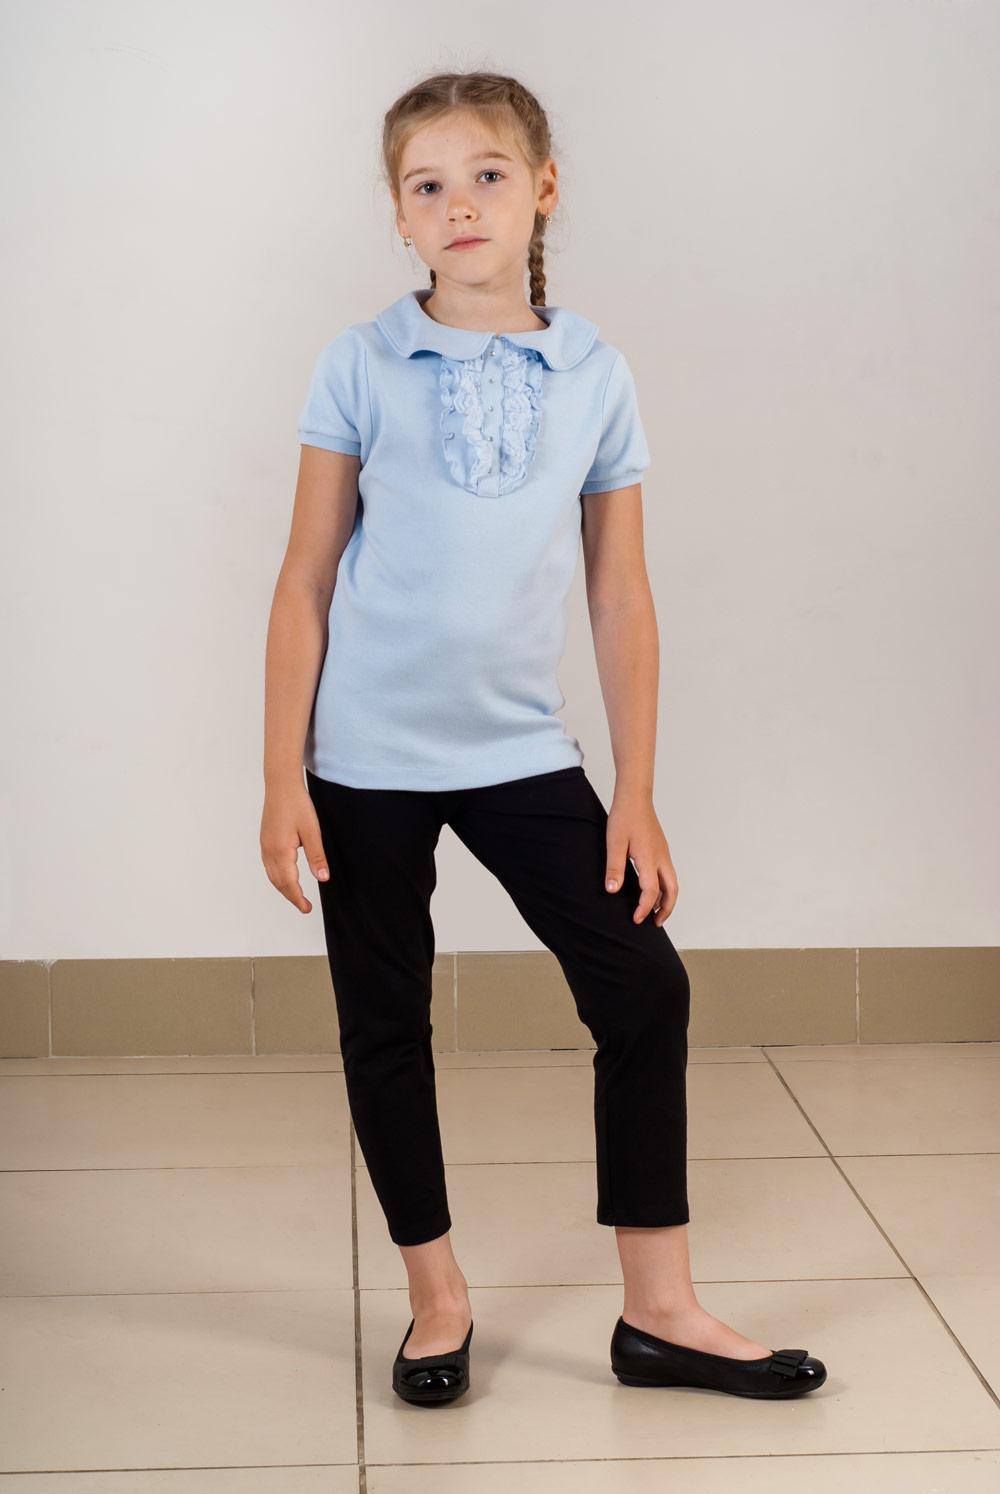 Блузка школьная для девочки Глаша с жабоКофточки и туники<br><br><br>Размер: 140